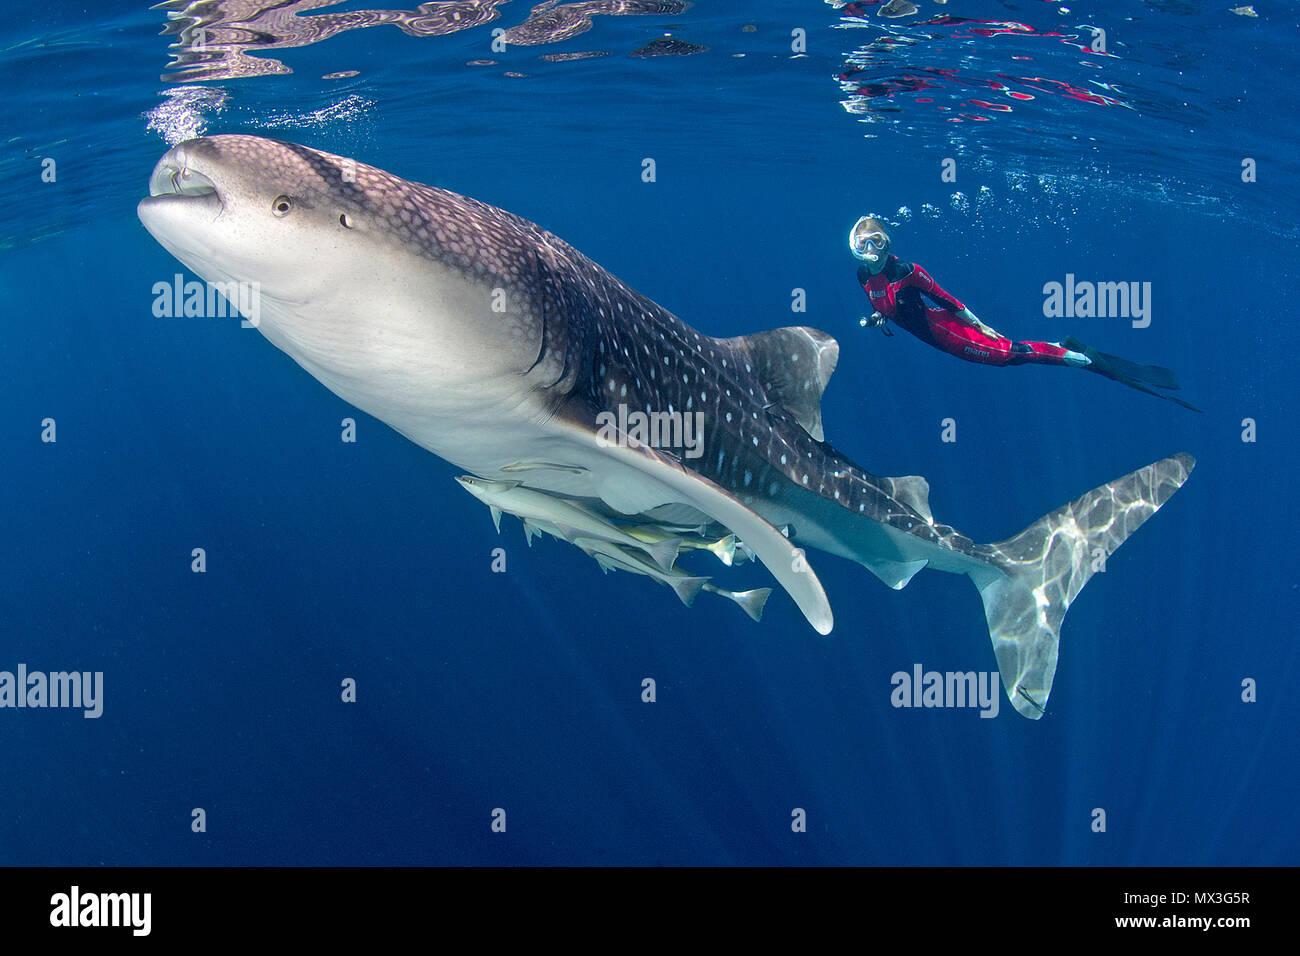 Groessenvergleich Walhai Schnorchler, und (Rhincodon typus), groesster Fisch der Welt, Cenderawasih Bucht, Irian Jaya, West-Papua, Indonesien, Asien   Banque D'Images